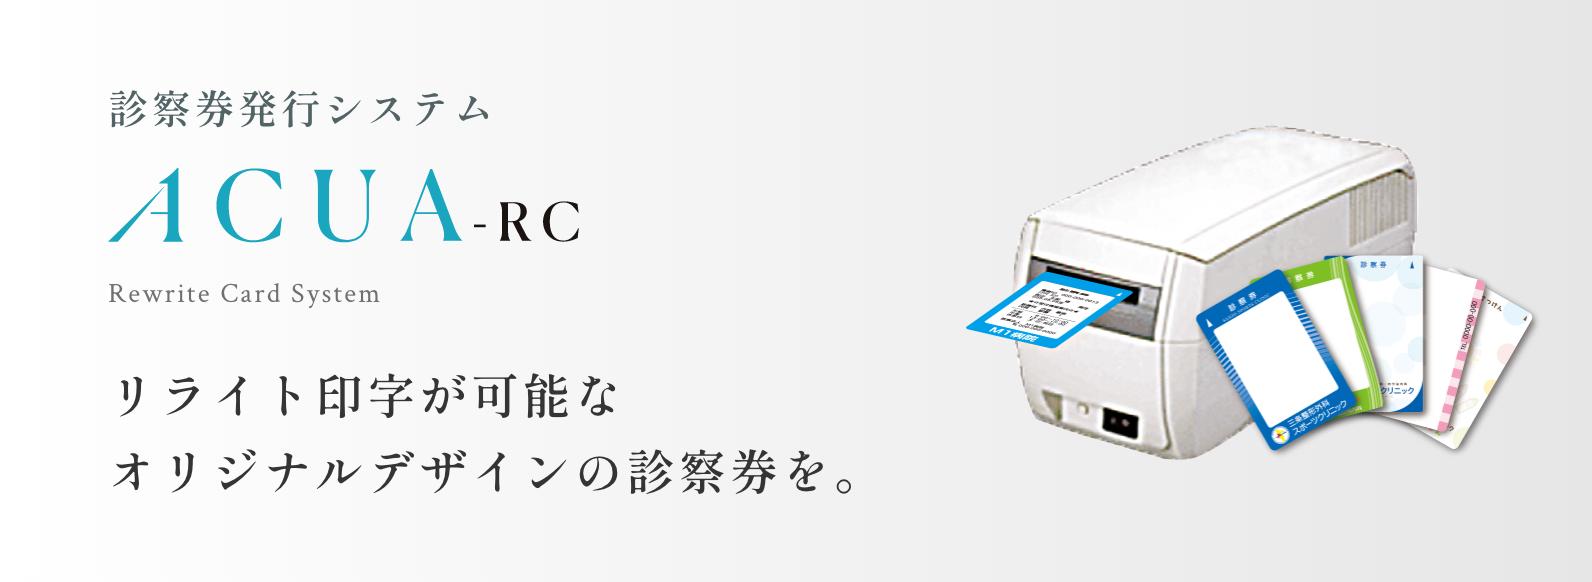 リンク:診察券発行システム ACUA-RC